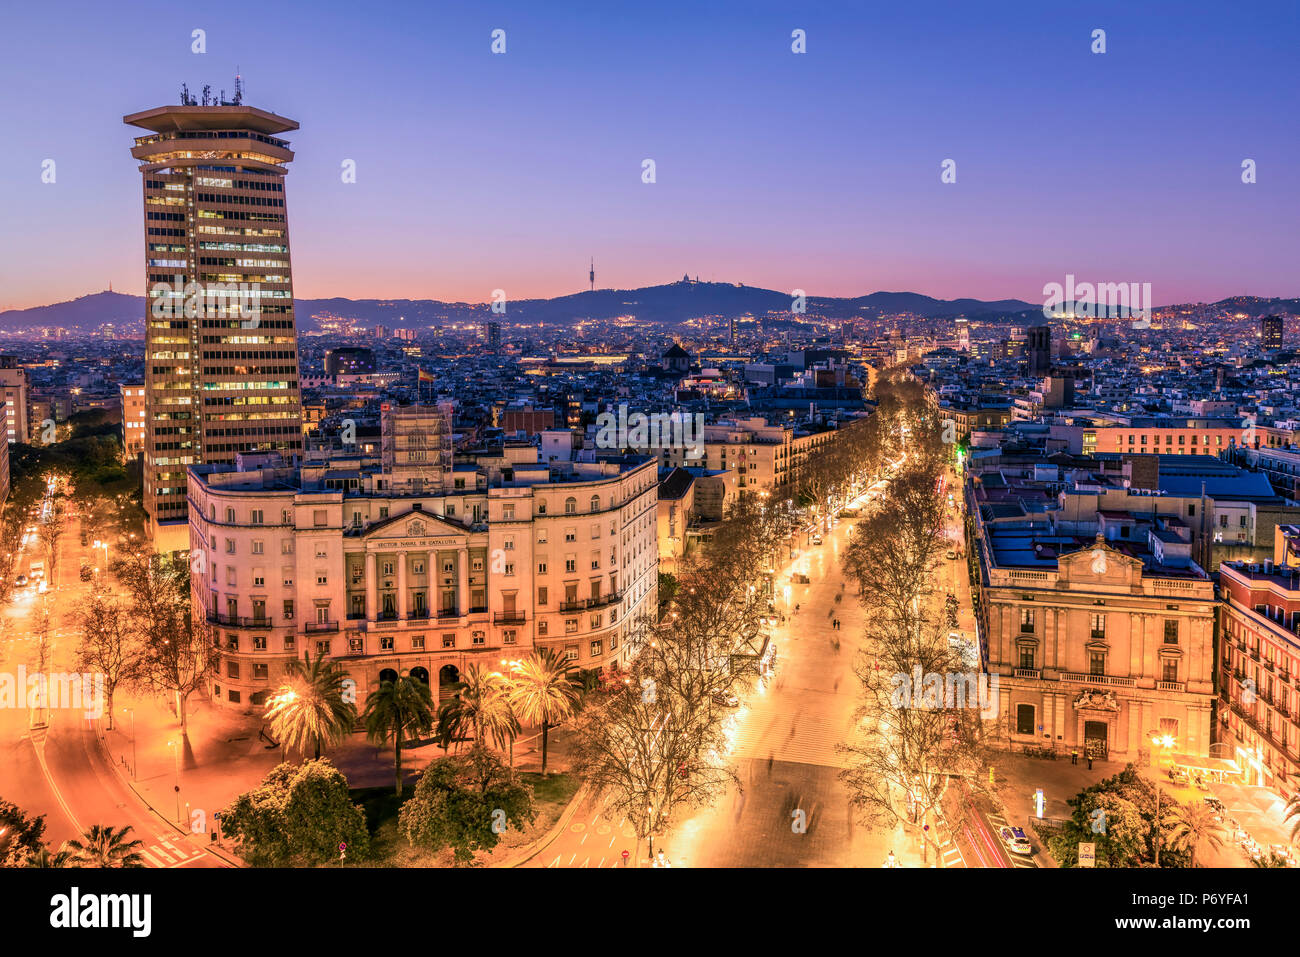 Die Skyline der Stadt und der Rambla Fußgängerzone, Barcelona, Katalonien, Spanien Stockbild